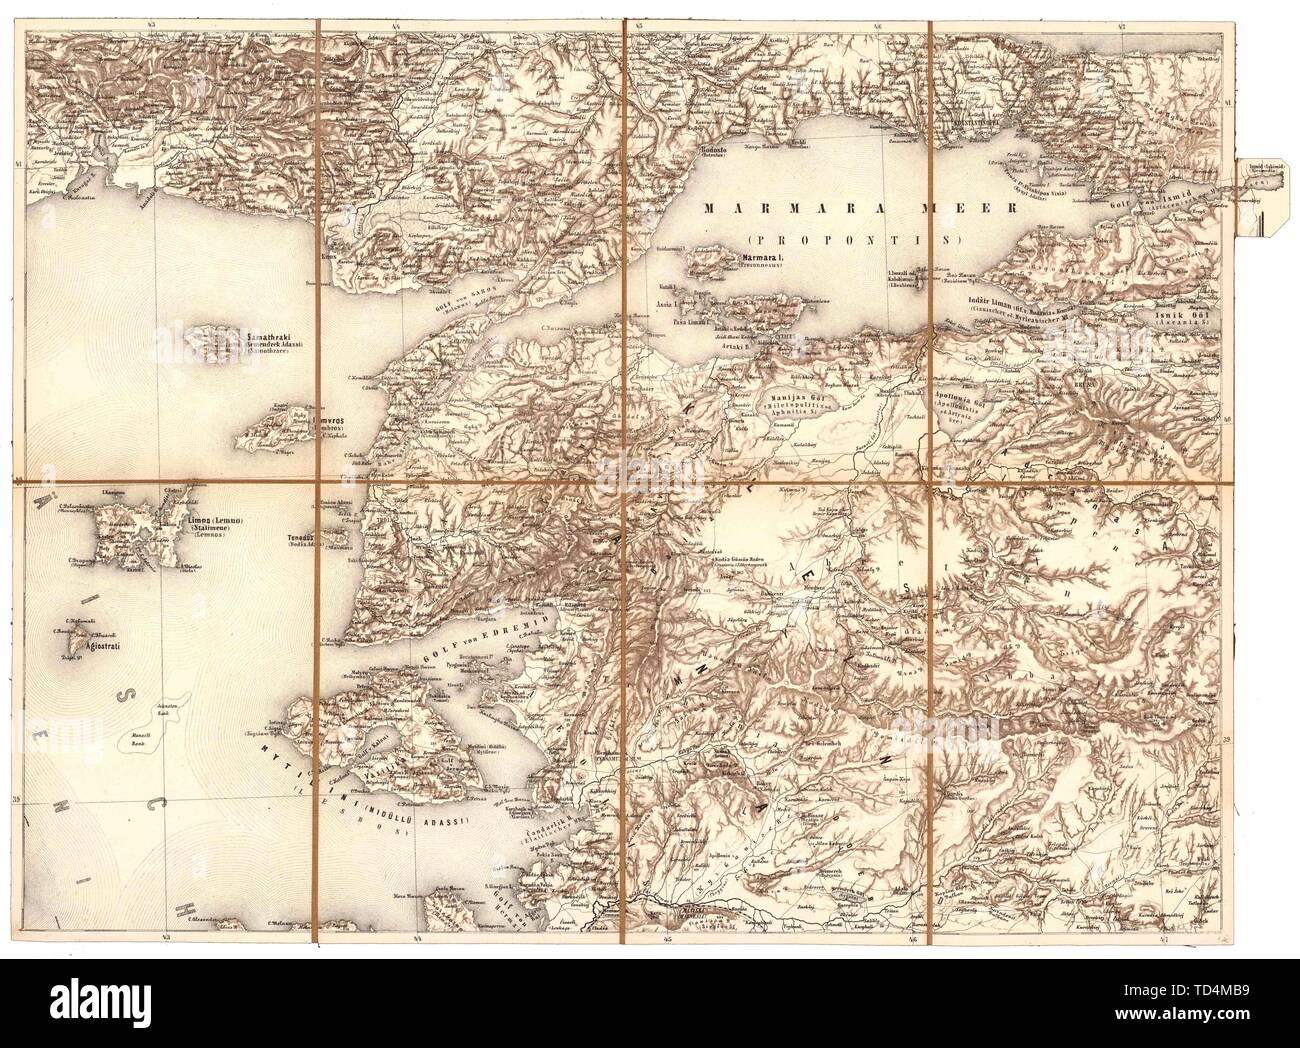 Marmara-Meer, Dardanellen, nordöstliche türkische Mittelmeerküste aus der Generalkarte der europäischen Türkei und Griechenlands; between 18 Stock Photo